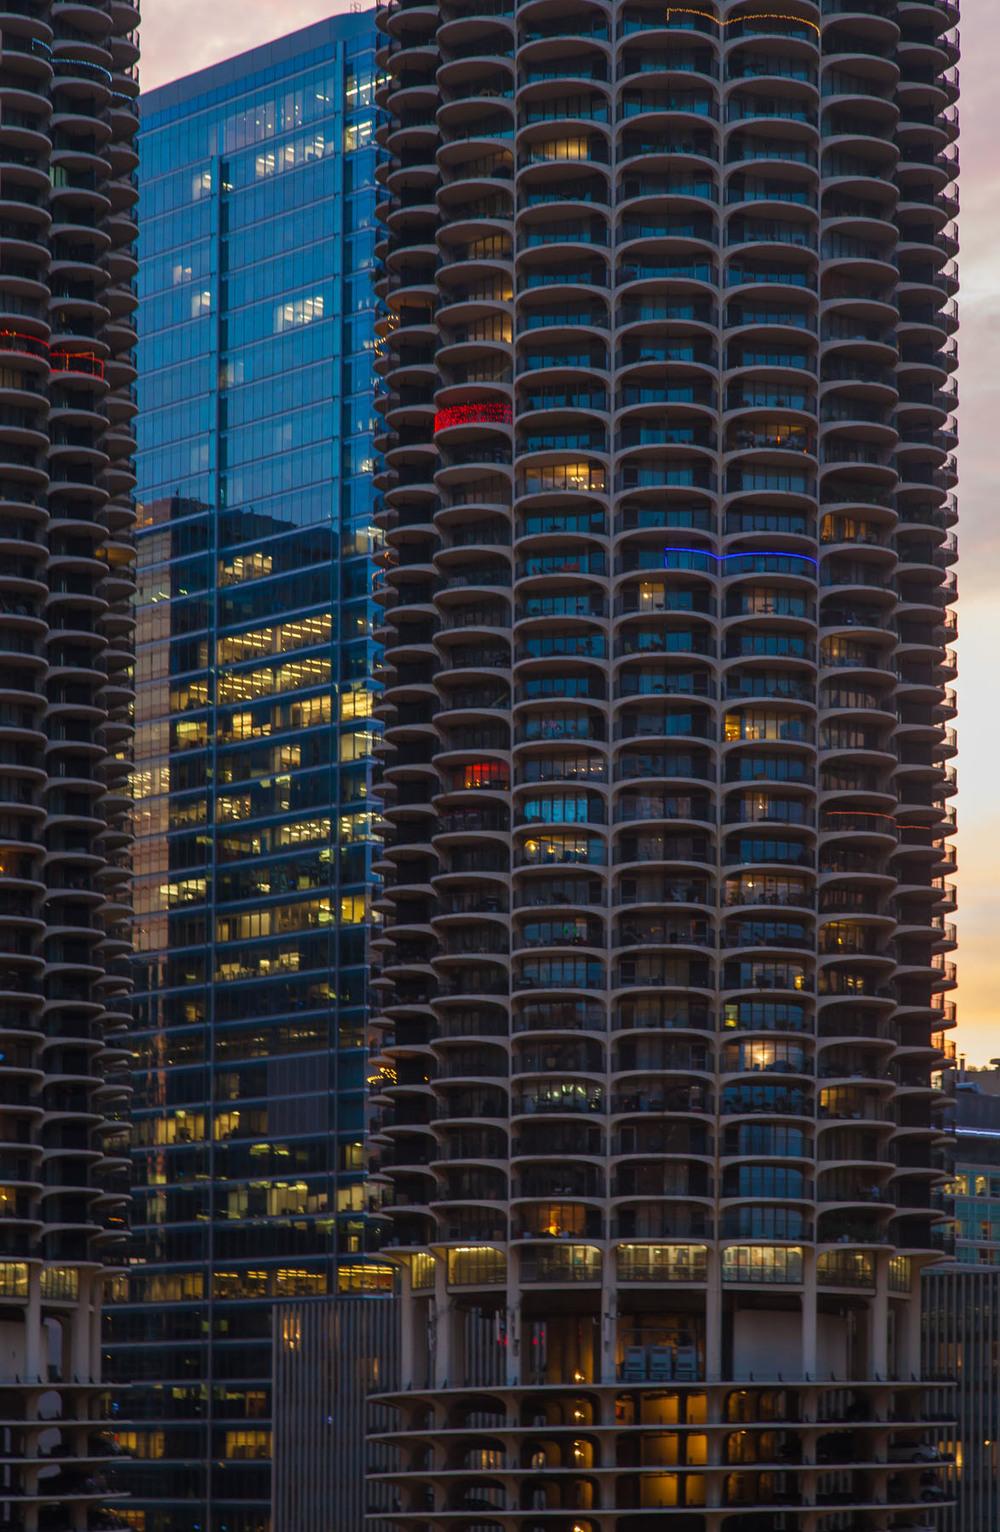 Chicago 2015_277_1.jpg